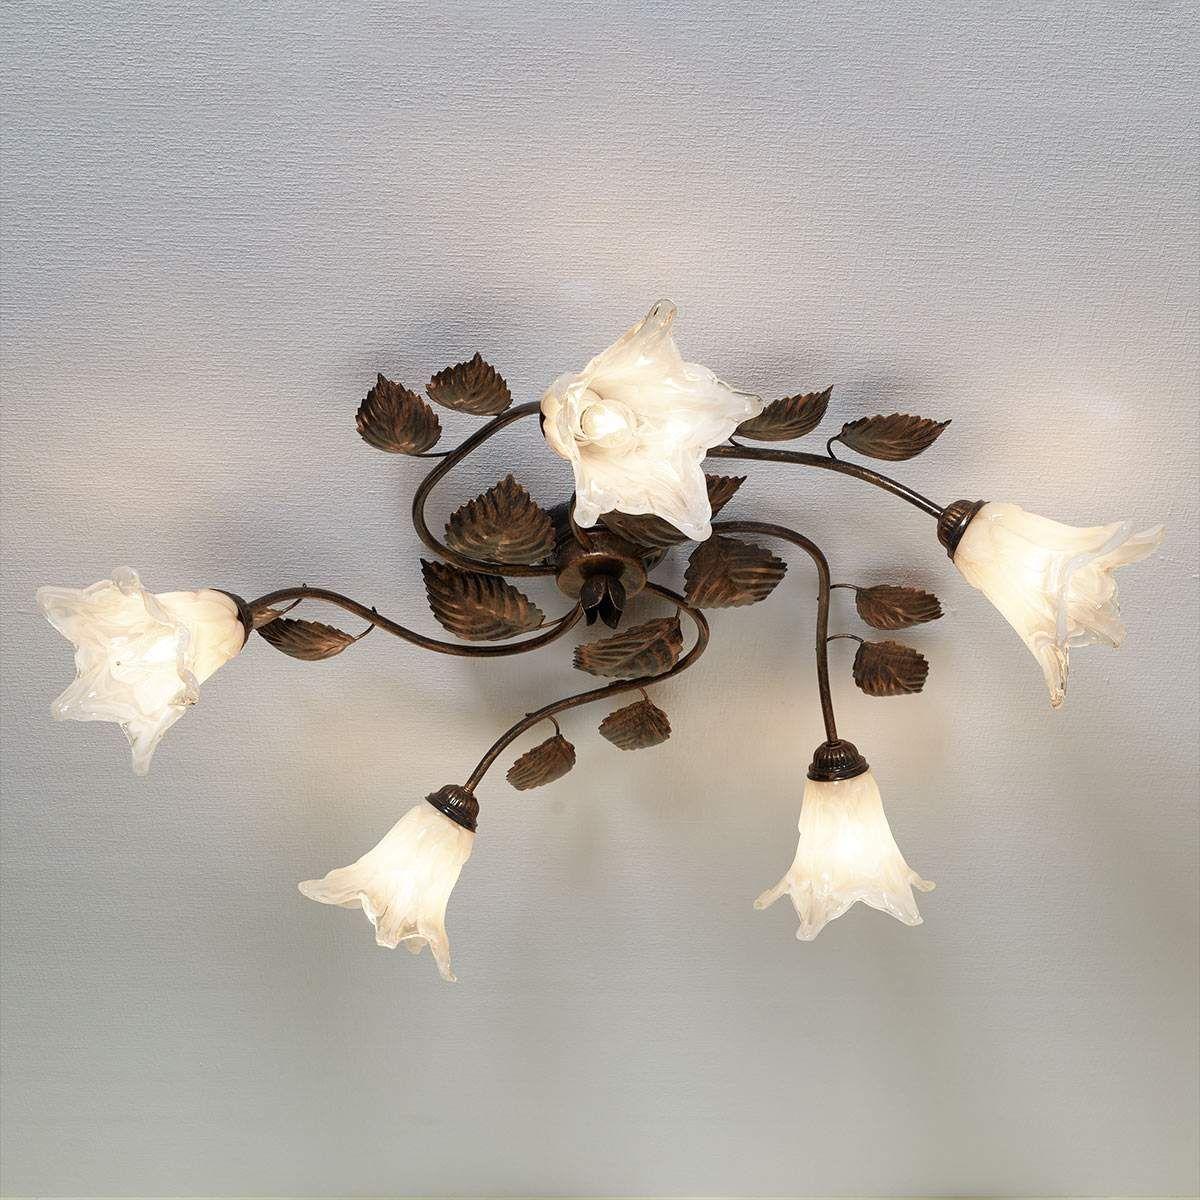 Florentiner Deckenlampe Dvora 5 Flammig Von Lampenwelt Com Deckenlampe Lampen Deckchen